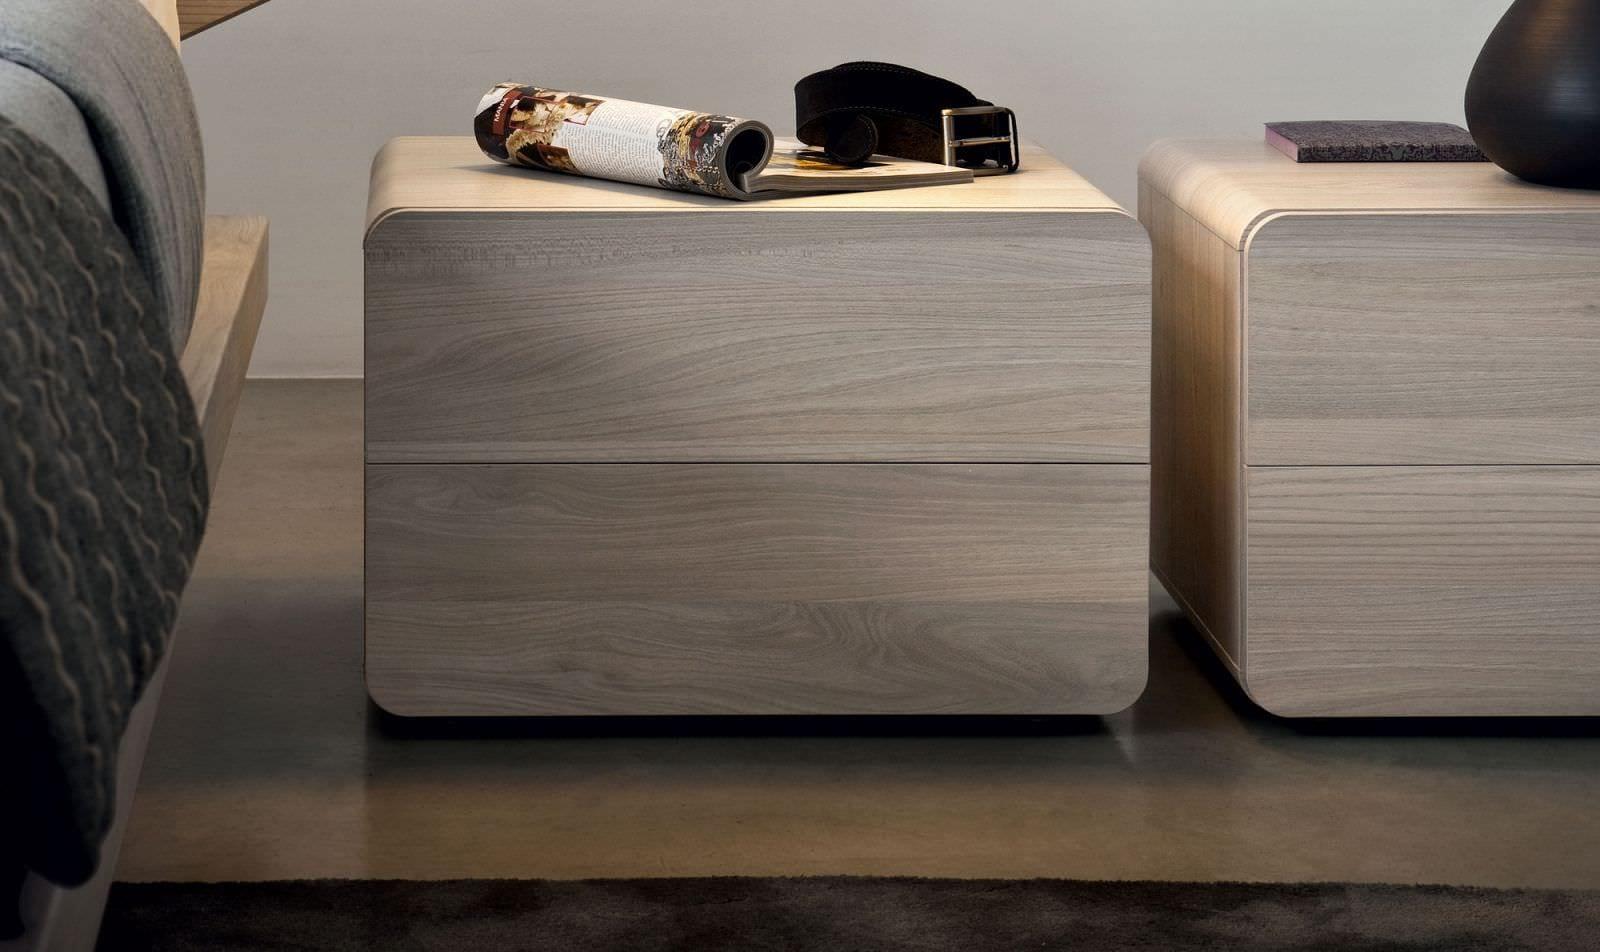 nachttisch design aus holz mit rundeclen und schubladen